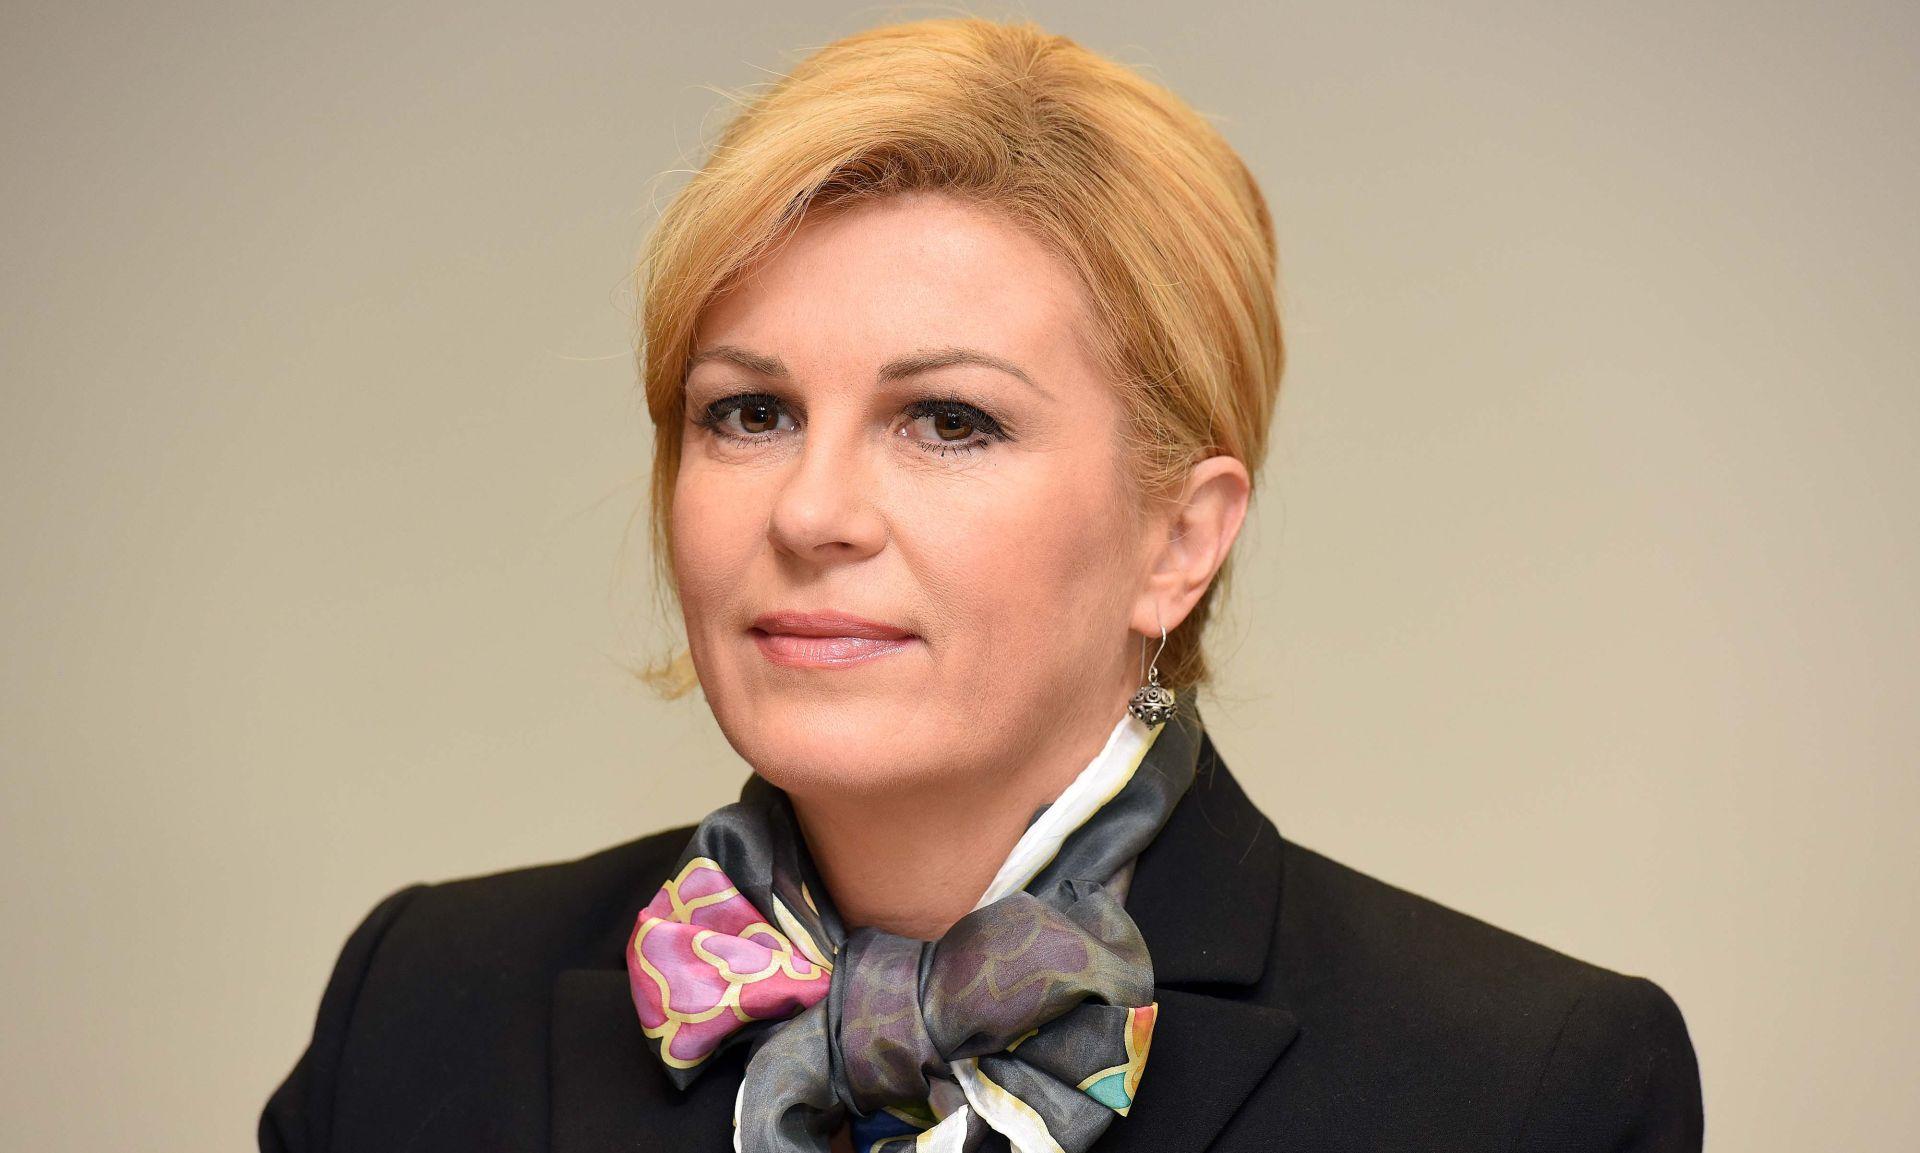 Predsjednica uputila božićnu čestitku  predsjedniku i članovima Hrvatske biskupske konferencije